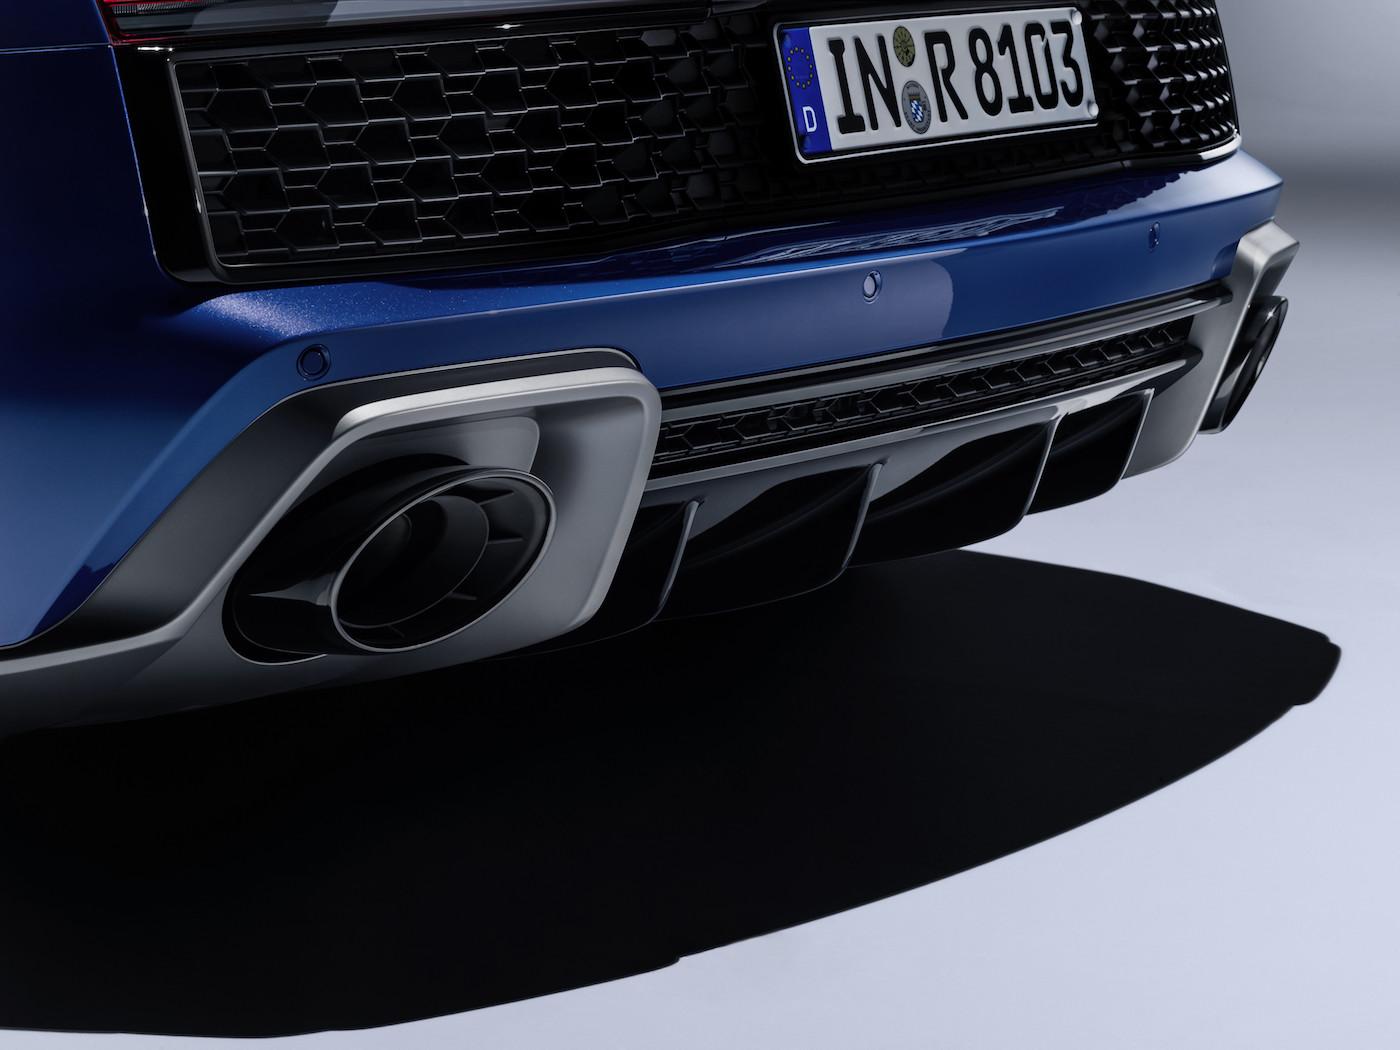 Schneller & schärfer: Das ist der neue Audi R8 4